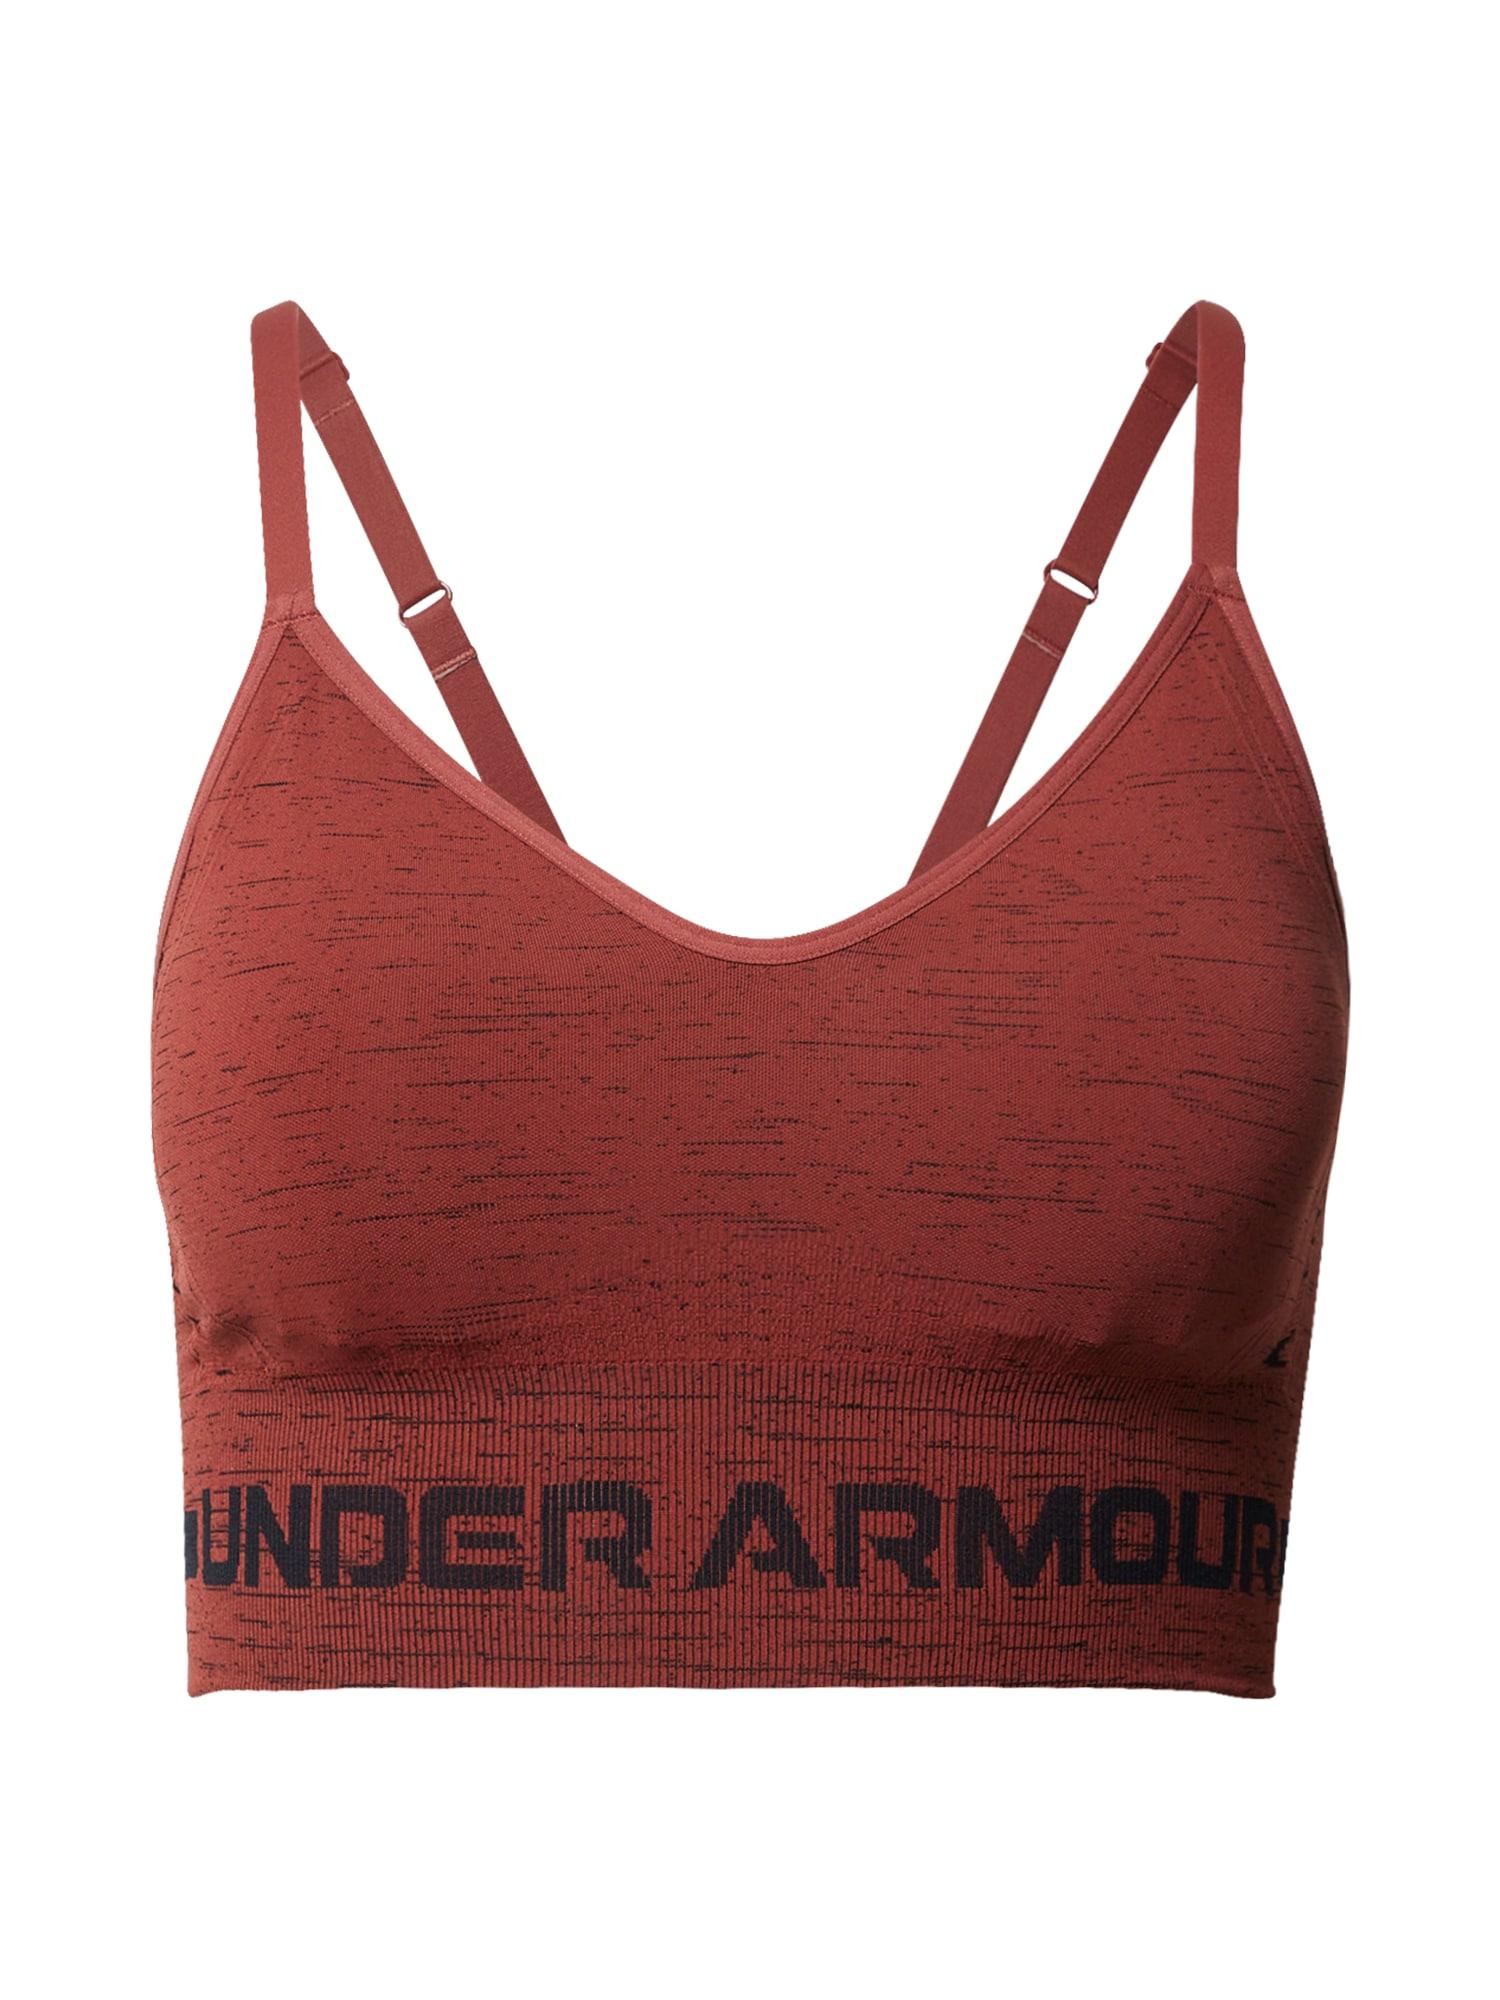 UNDER ARMOUR Sportinė liemenėlė raudona / juoda